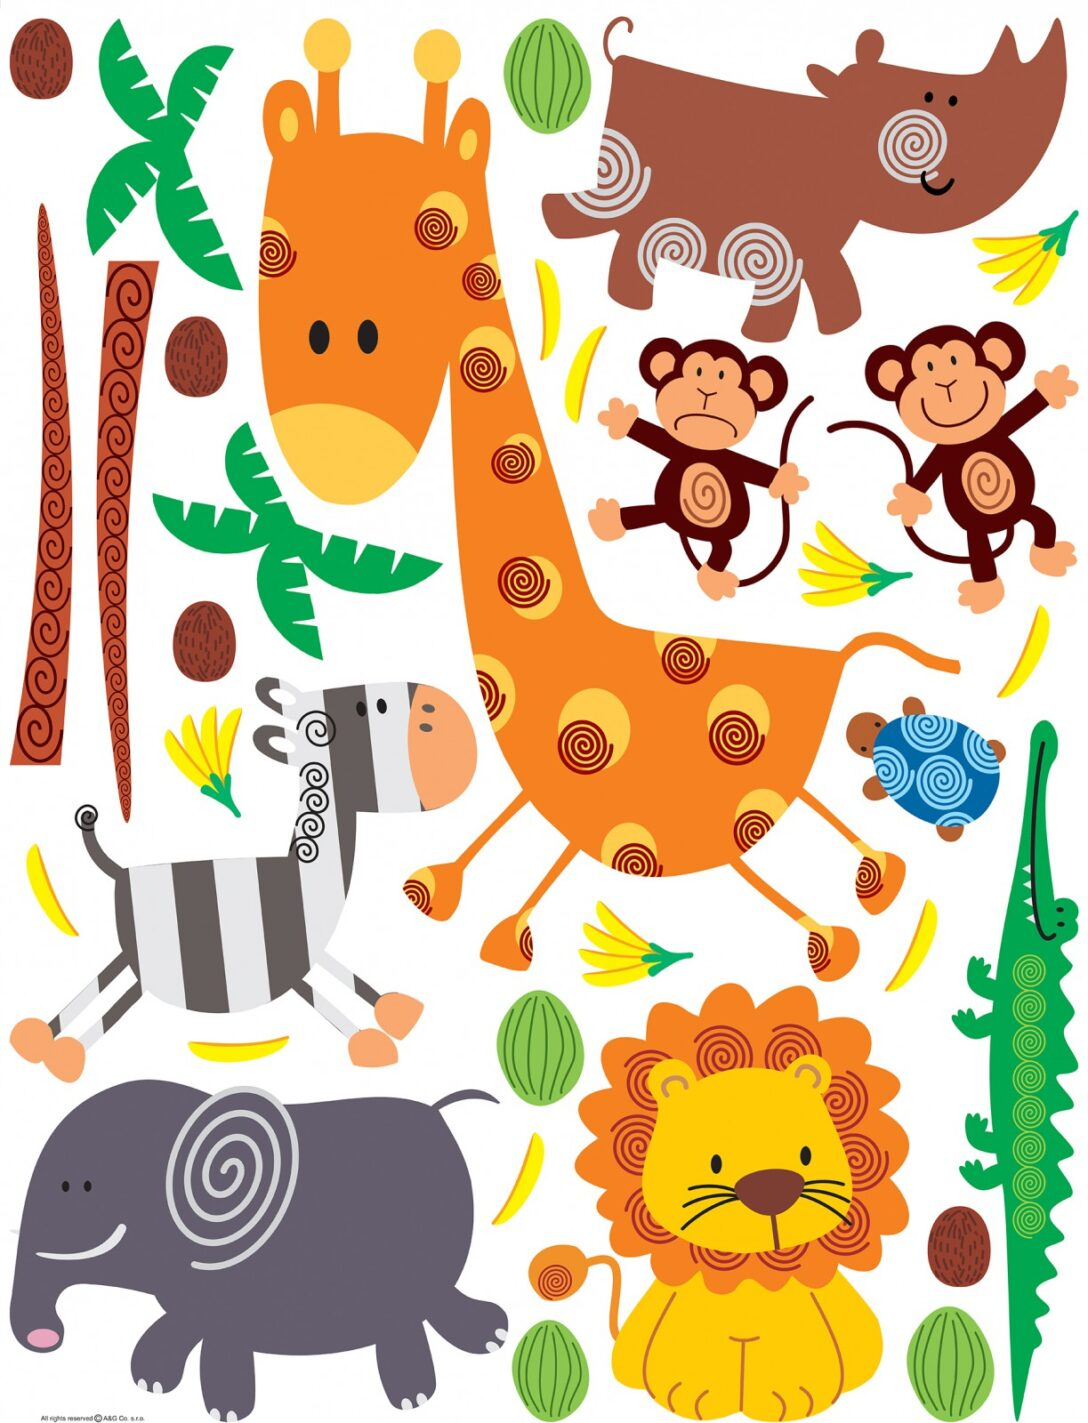 Large Size of Wandtattoo Kinderzimmer Tiere Wandsticker Sticker Zoo 65x85cm Regal Sprüche Wandtattoos Küche Bad Schlafzimmer Sofa Wohnzimmer Weiß Badezimmer Regale Kinderzimmer Wandtattoo Kinderzimmer Tiere